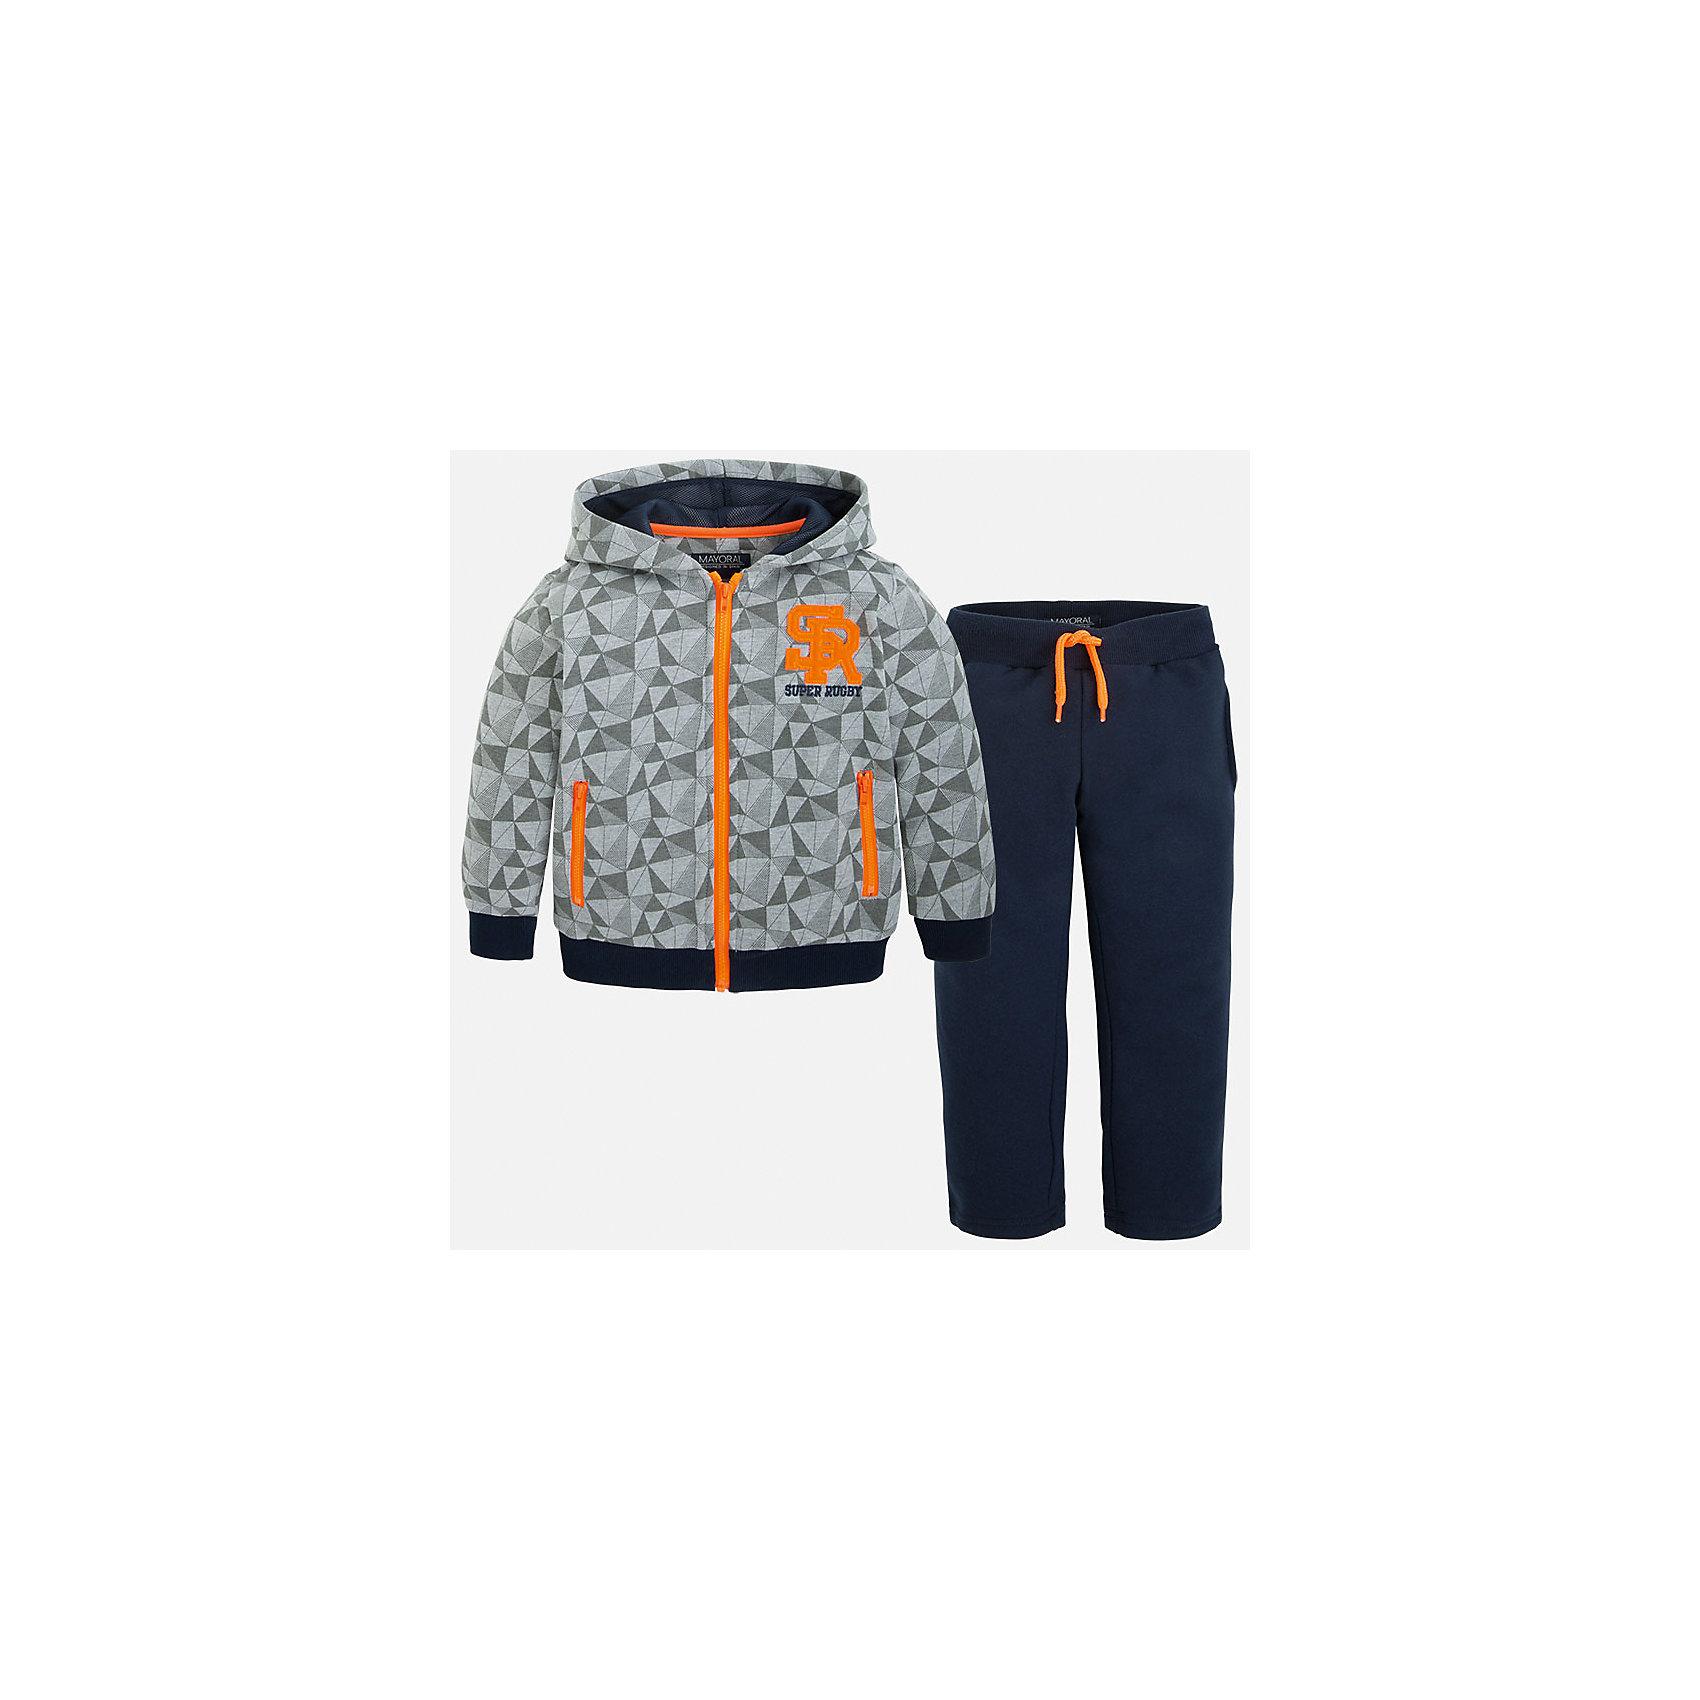 Спортивный костюм для мальчика MayoralКомплекты<br>Спортивный костюм для мальчика из коллекции осень-зима 2016-2017 известного испанского бренда Mayoral (Майорал). Стильный и удобный темно-синий с серым спортивный костюм, состоящий из толстовки с капюшоном и спортивных штанов придет по вкусу вашему чемниону. Толстовка серого цвета имеет дизайн геометричеких фигур с лицевой стороны и оранжевую кайму основной застегивающей молнии, и молний на карманах. На манжетах рукавово и по краю толстовки имеютмя мягкие трикотажные резинки, защищающие от ветра. Трикотажная резинка есть и на поясе синих штанов костюма, а также оранжевый шнурок. У штанов имеются два боковых кармана. <br><br>Дополнительная информация:<br>- Силуэт: прямой <br>- Капюшон: большой<br><br>Состав: 67% полиэстер, 33% хлопок<br><br>Костюм для мальчика Mayoral (Майорал) можно купить в нашем интернет-магазине.<br><br>Подробнее:<br>• Для детей в возрасте: от 9 до 13 лет<br>• Номер товара: 4826501<br>Страна производитель: Китай<br><br>Ширина мм: 247<br>Глубина мм: 16<br>Высота мм: 140<br>Вес г: 225<br>Цвет: синий<br>Возраст от месяцев: 96<br>Возраст до месяцев: 108<br>Пол: Мужской<br>Возраст: Детский<br>Размер: 128,98,110,134,122,116,104<br>SKU: 4826500